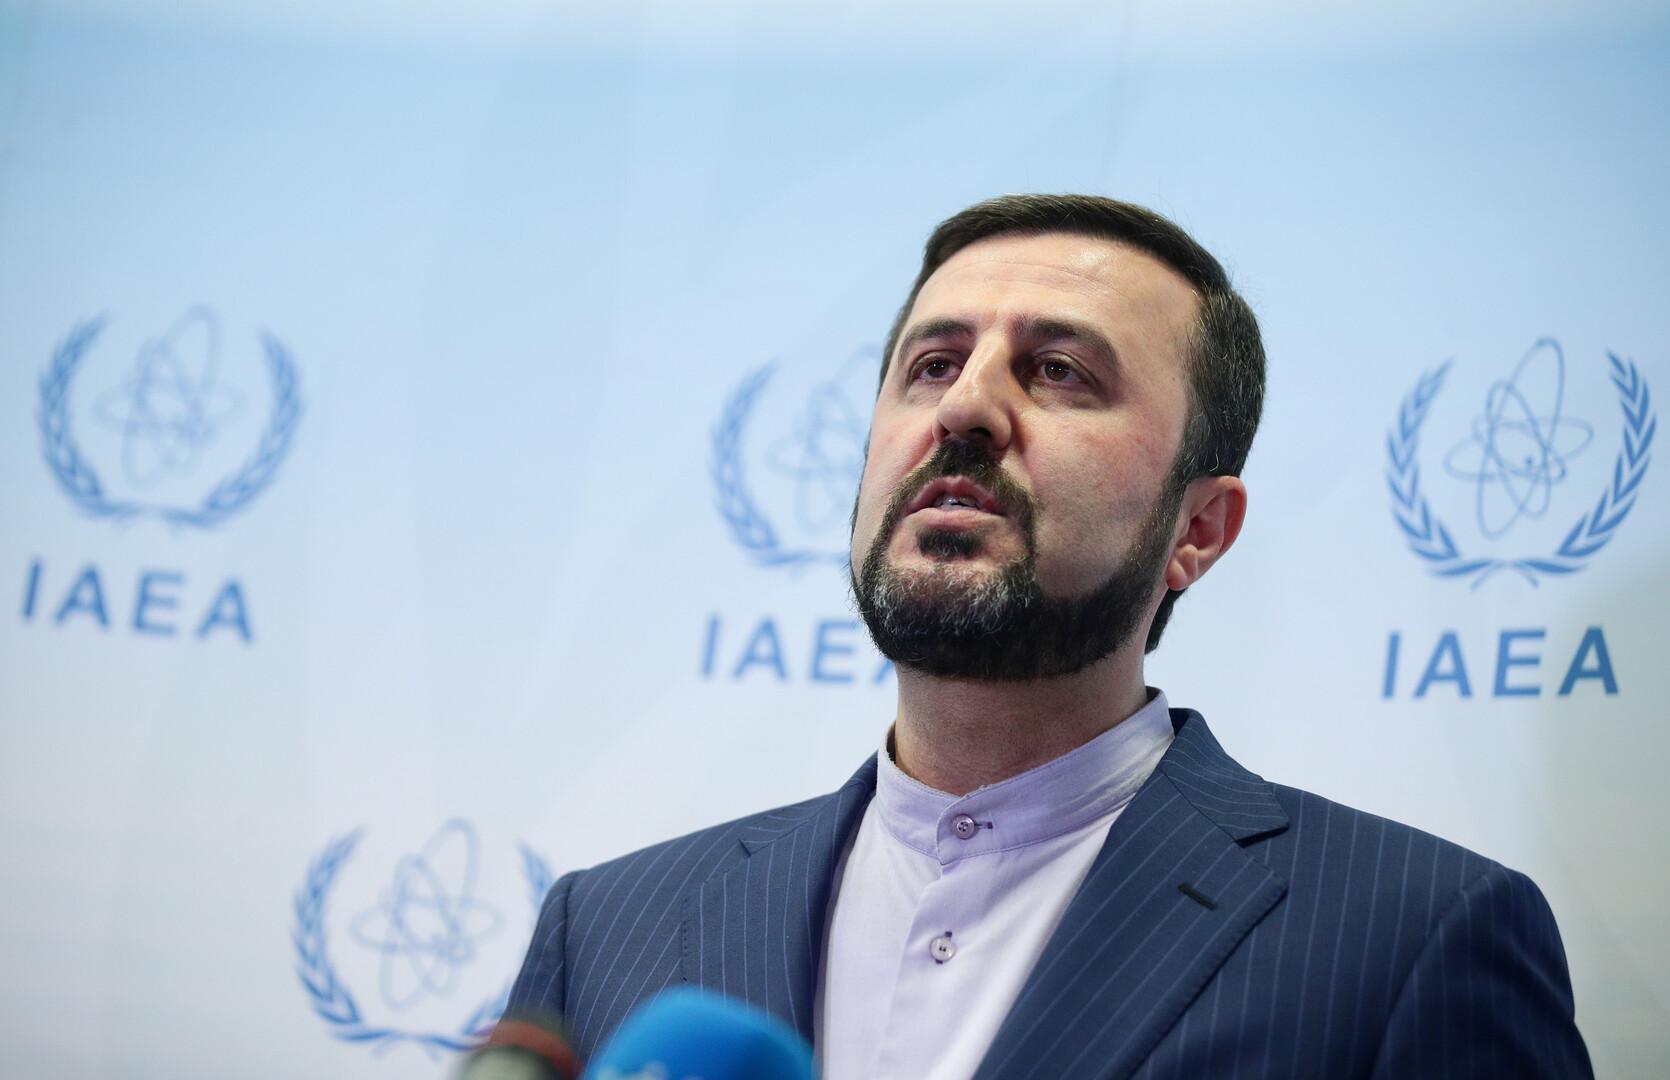 طهران ترد على بولتون: لا وجود لأي نشاط نووي سري في إيران